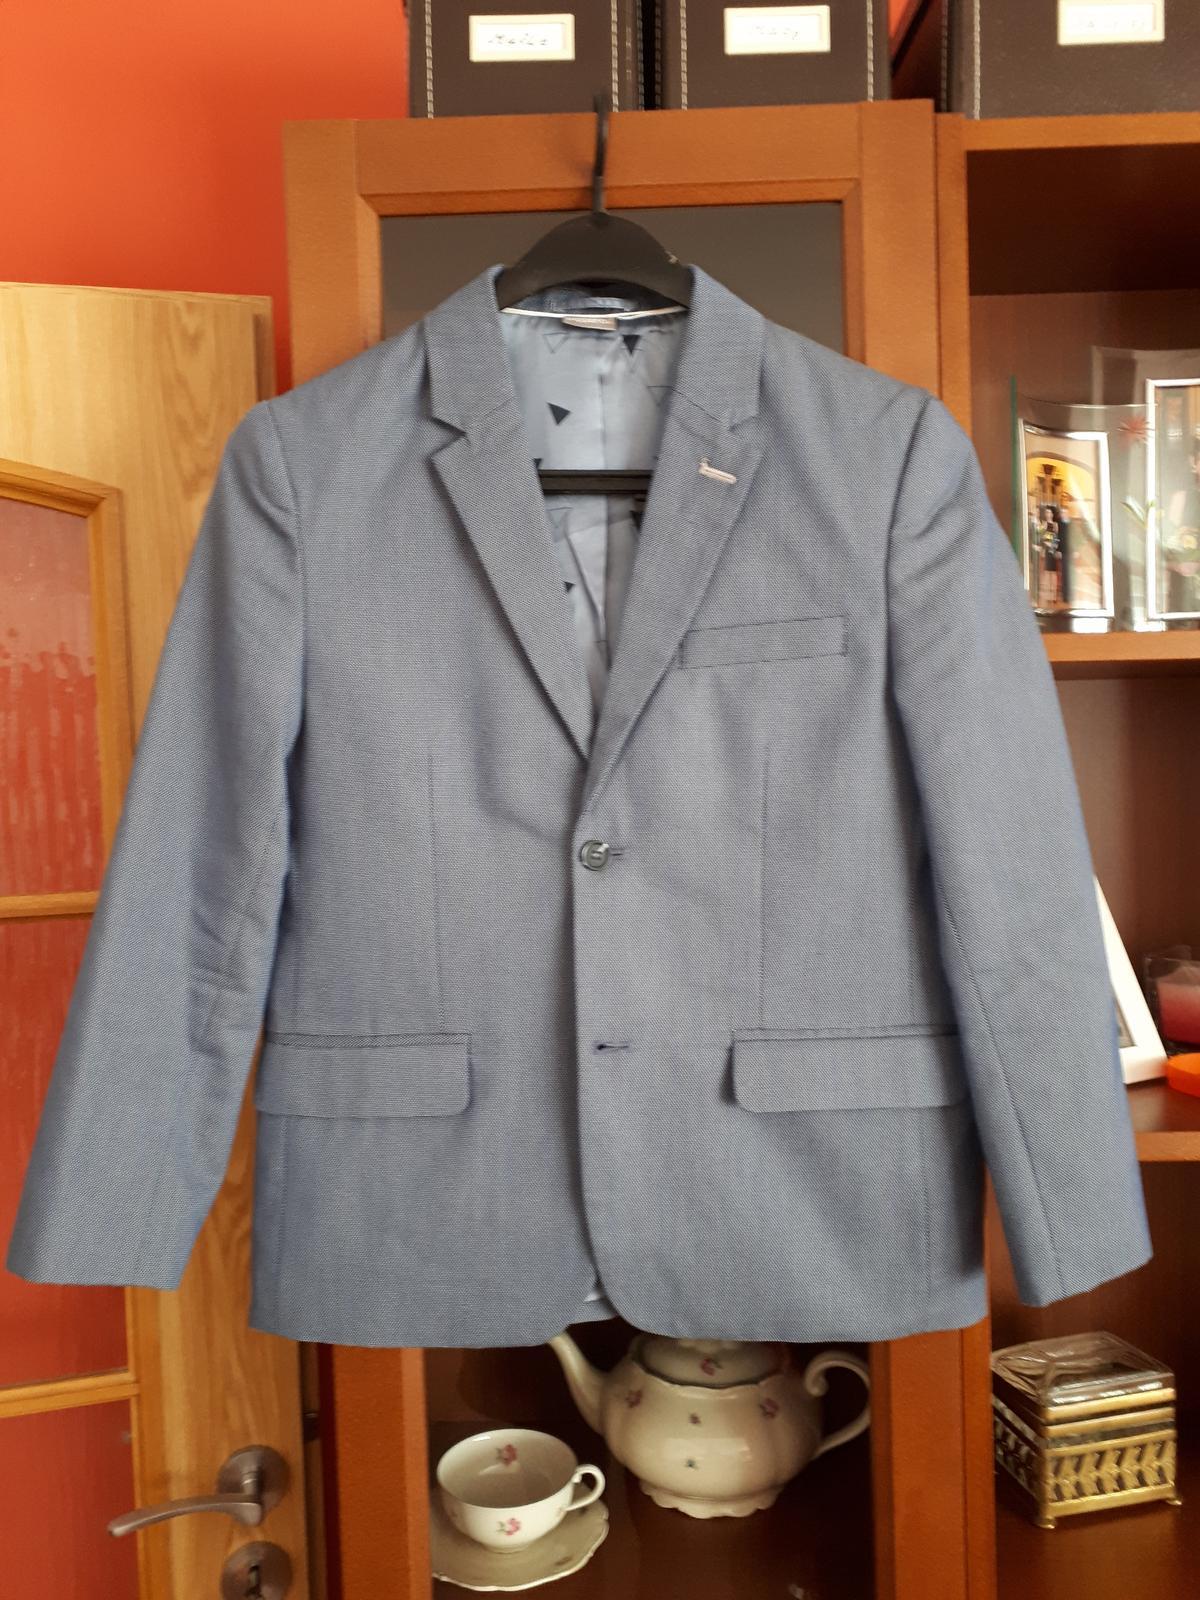 Modré chlapecké sako - Obrázek č. 1